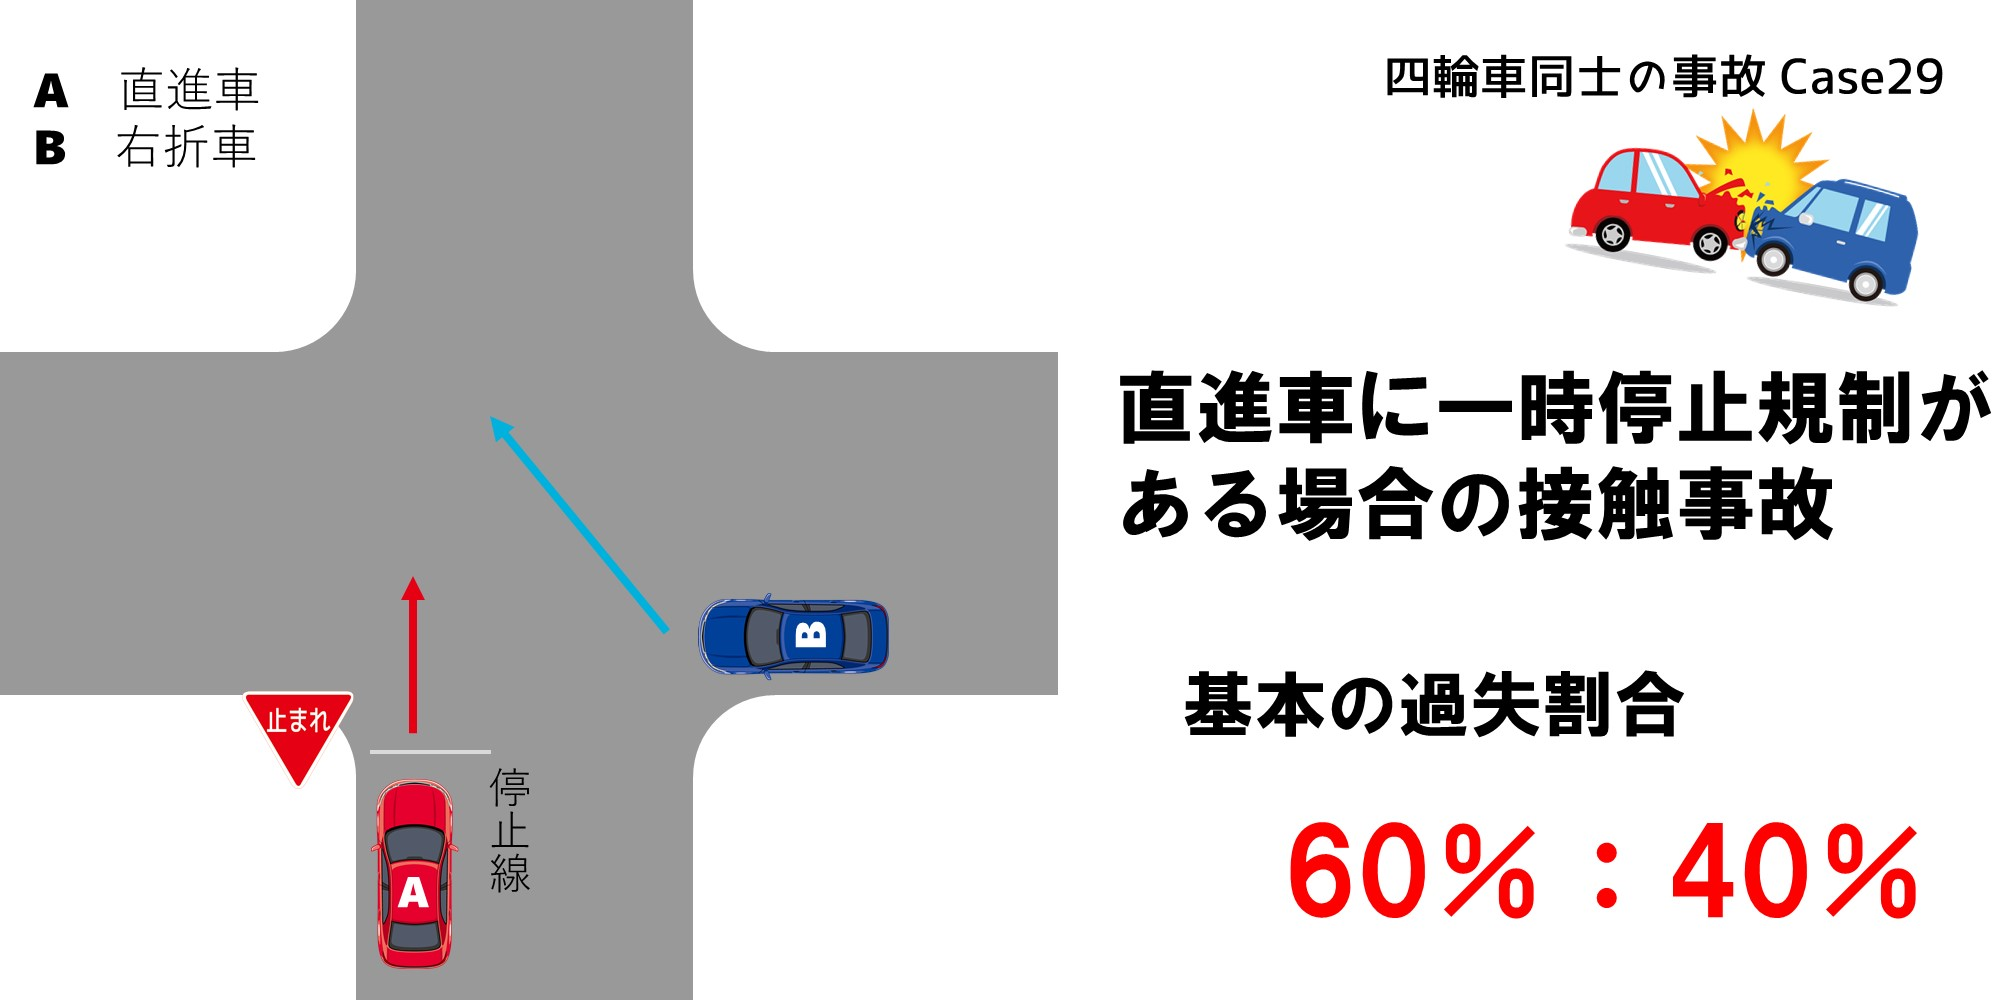 直進車に一時停止規制がある場合の過失割合